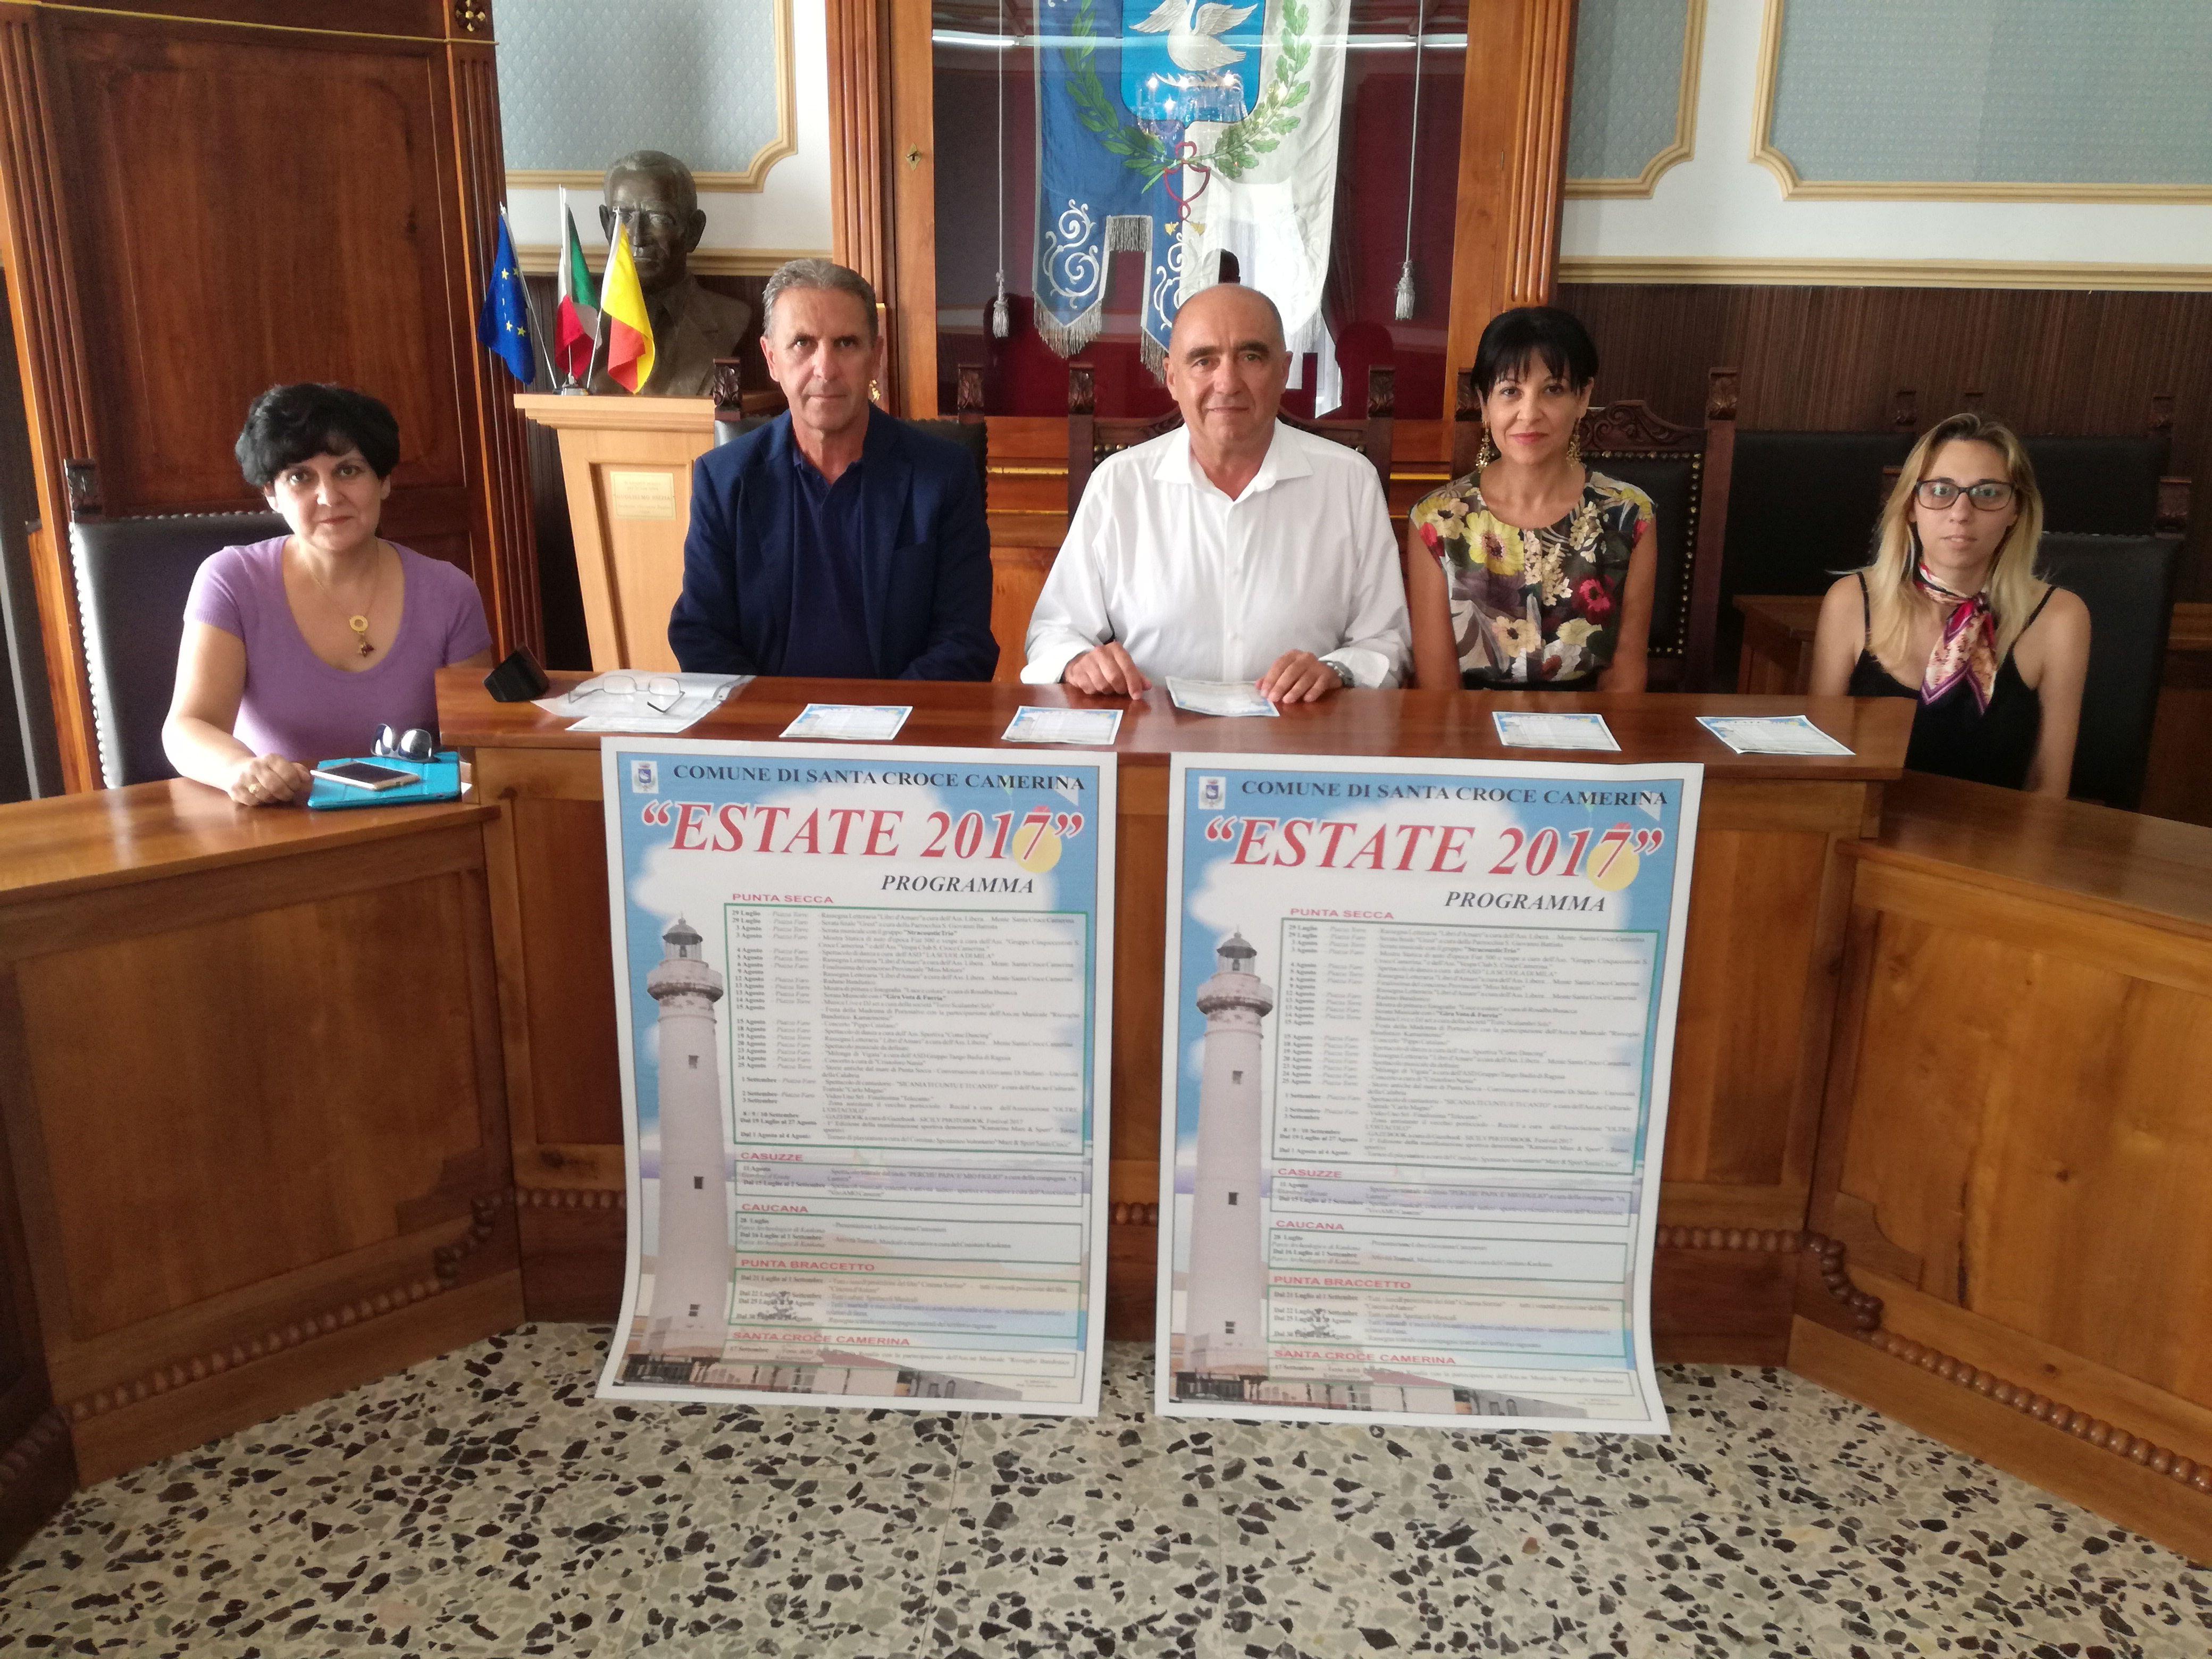 Deborah Iurato in concerto a Punta Secca: svelato il programma dell'estate